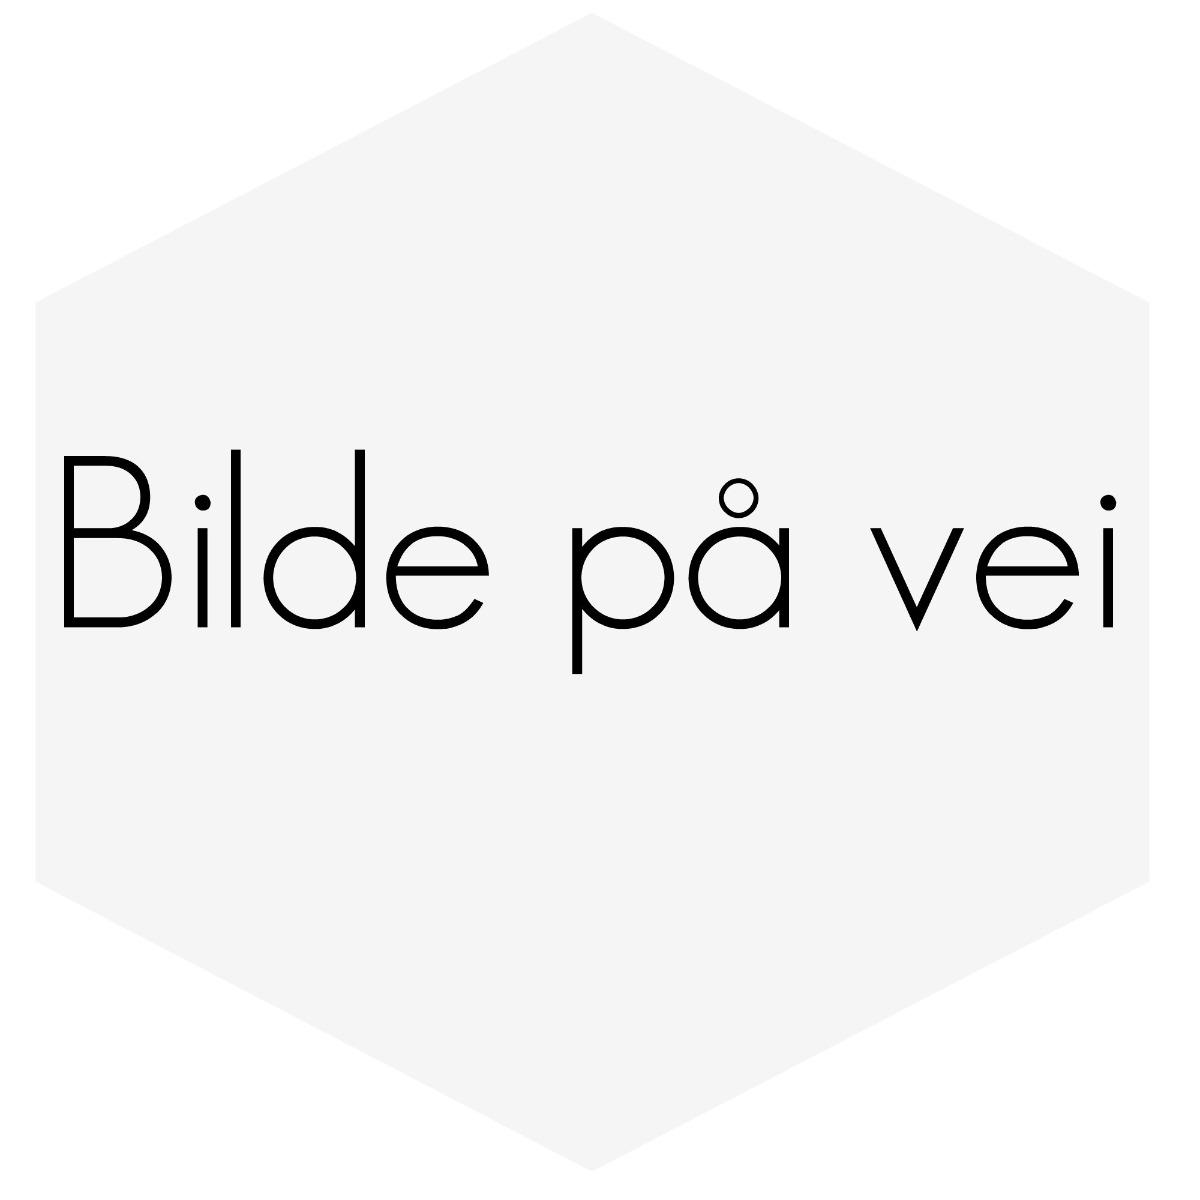 FJÆRBENTOPP LAGRING S60,S80,V70N,XC70,XC90,30714968, 8634457